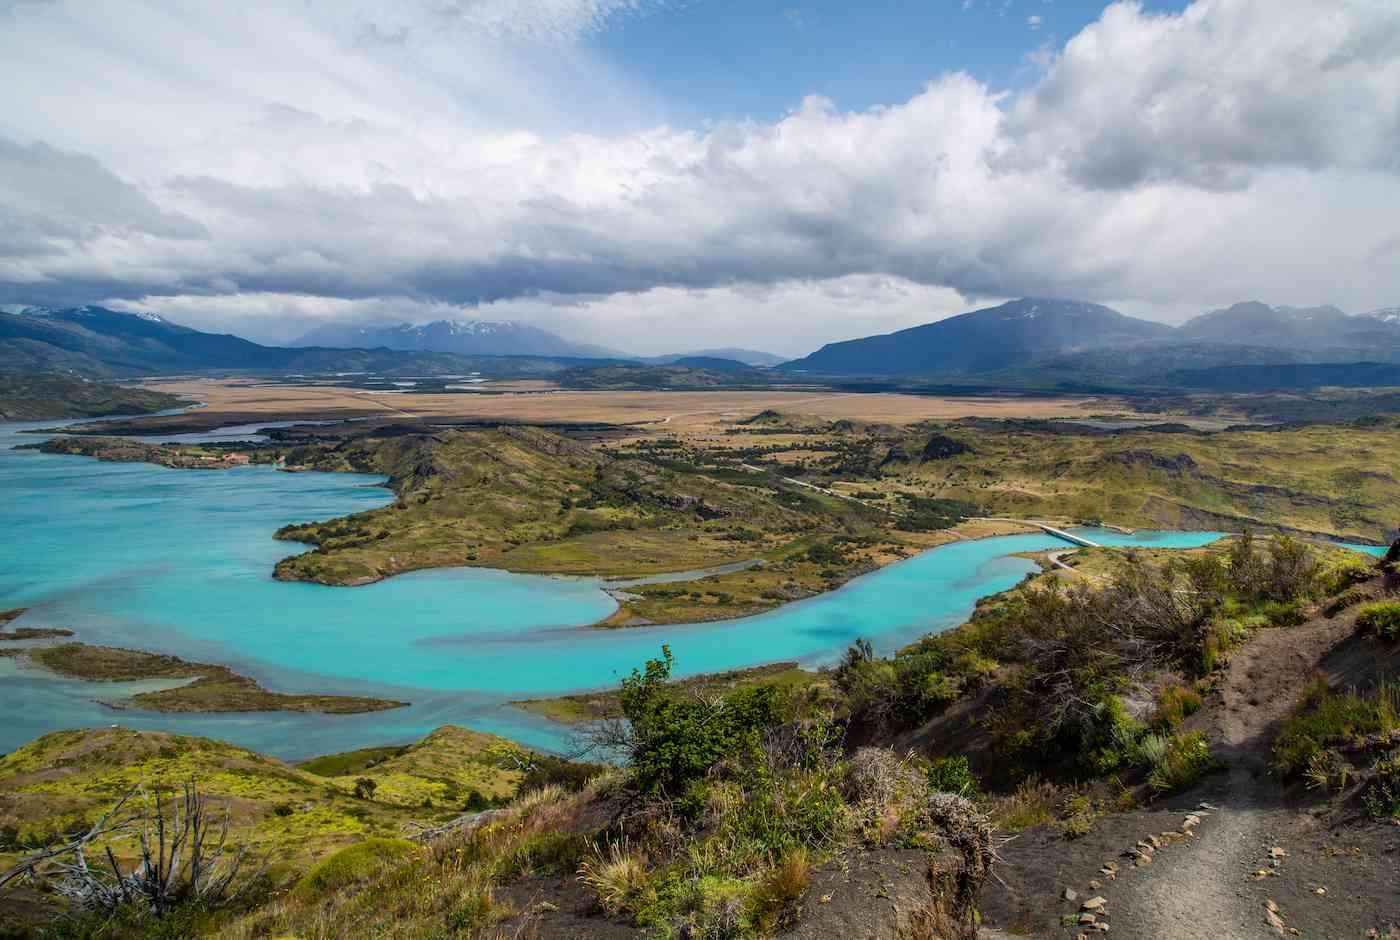 Laguna Verde Torres del Paine